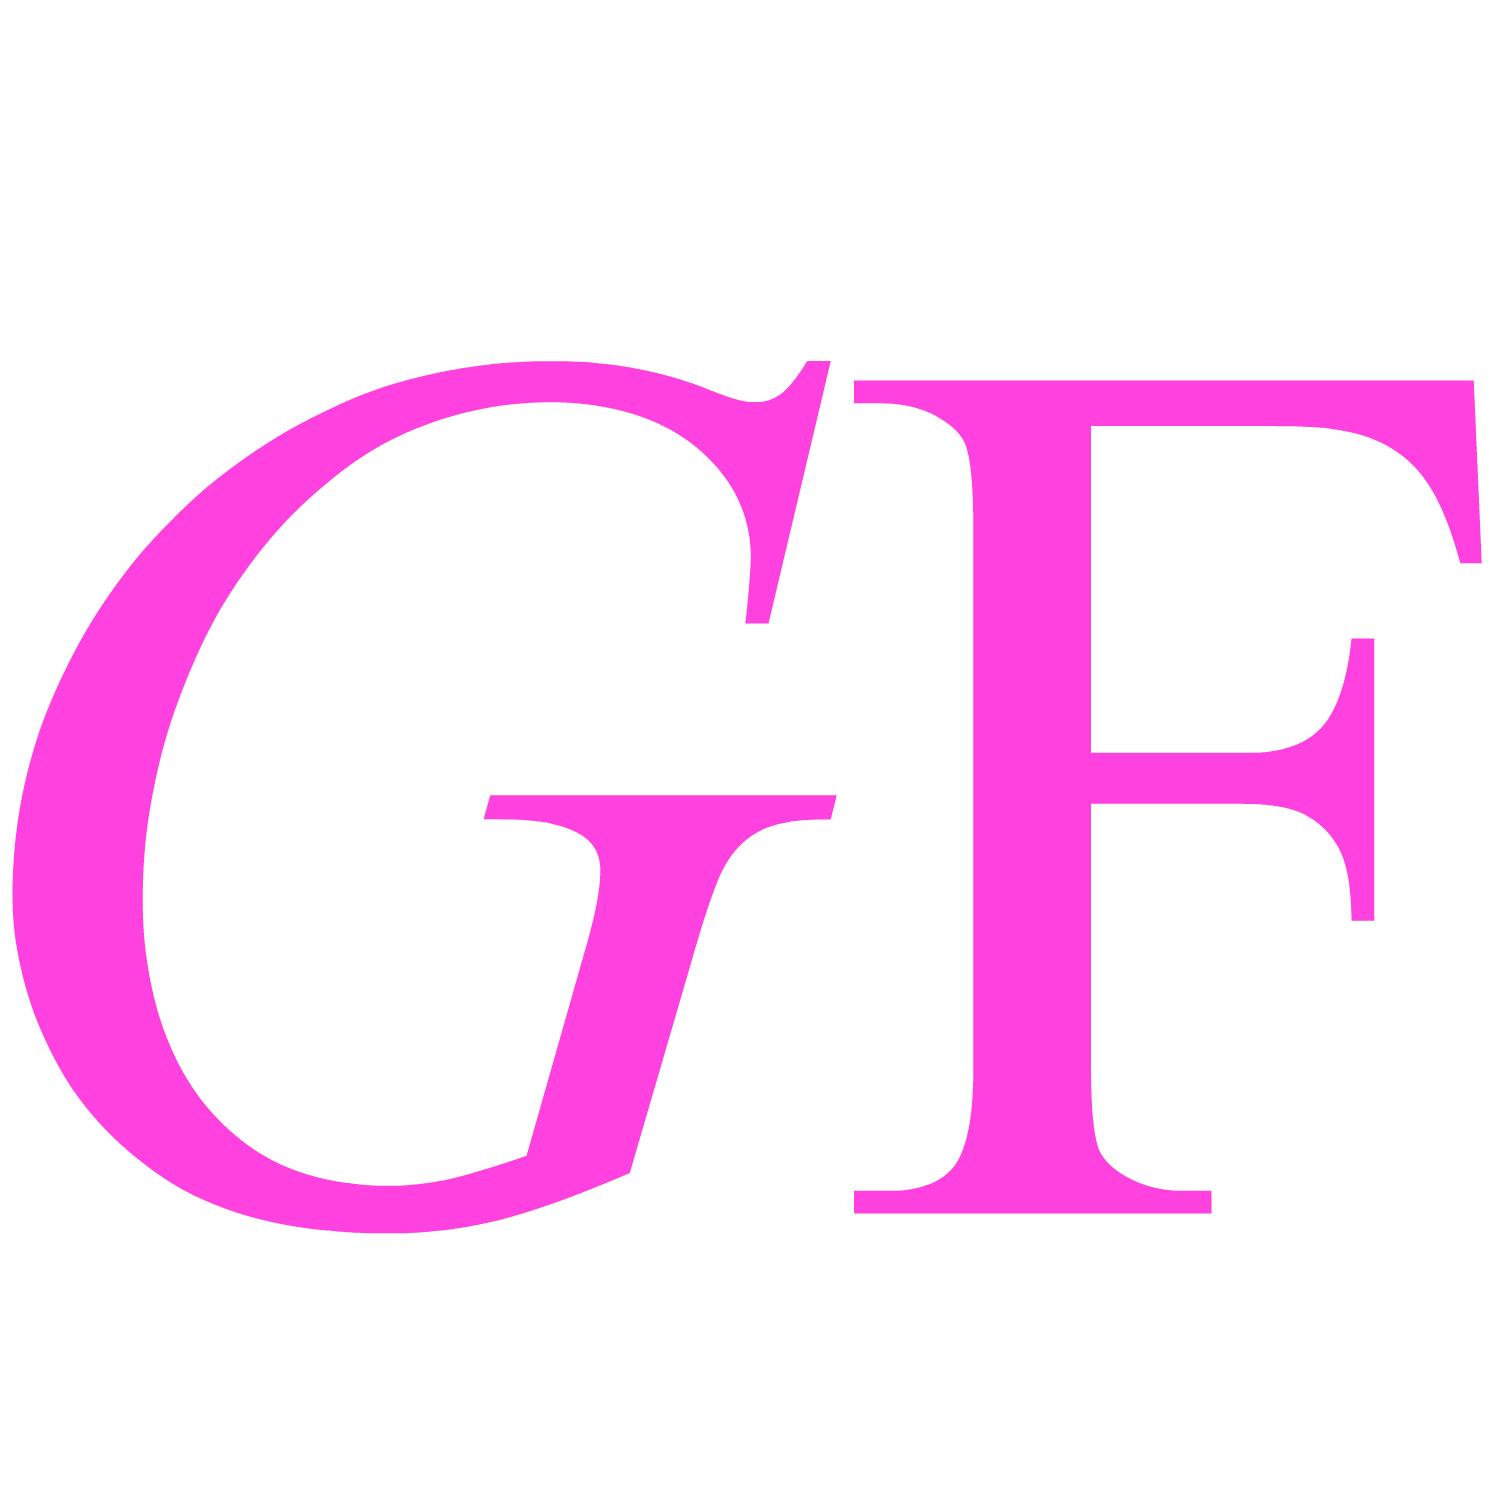 GirlsFinance